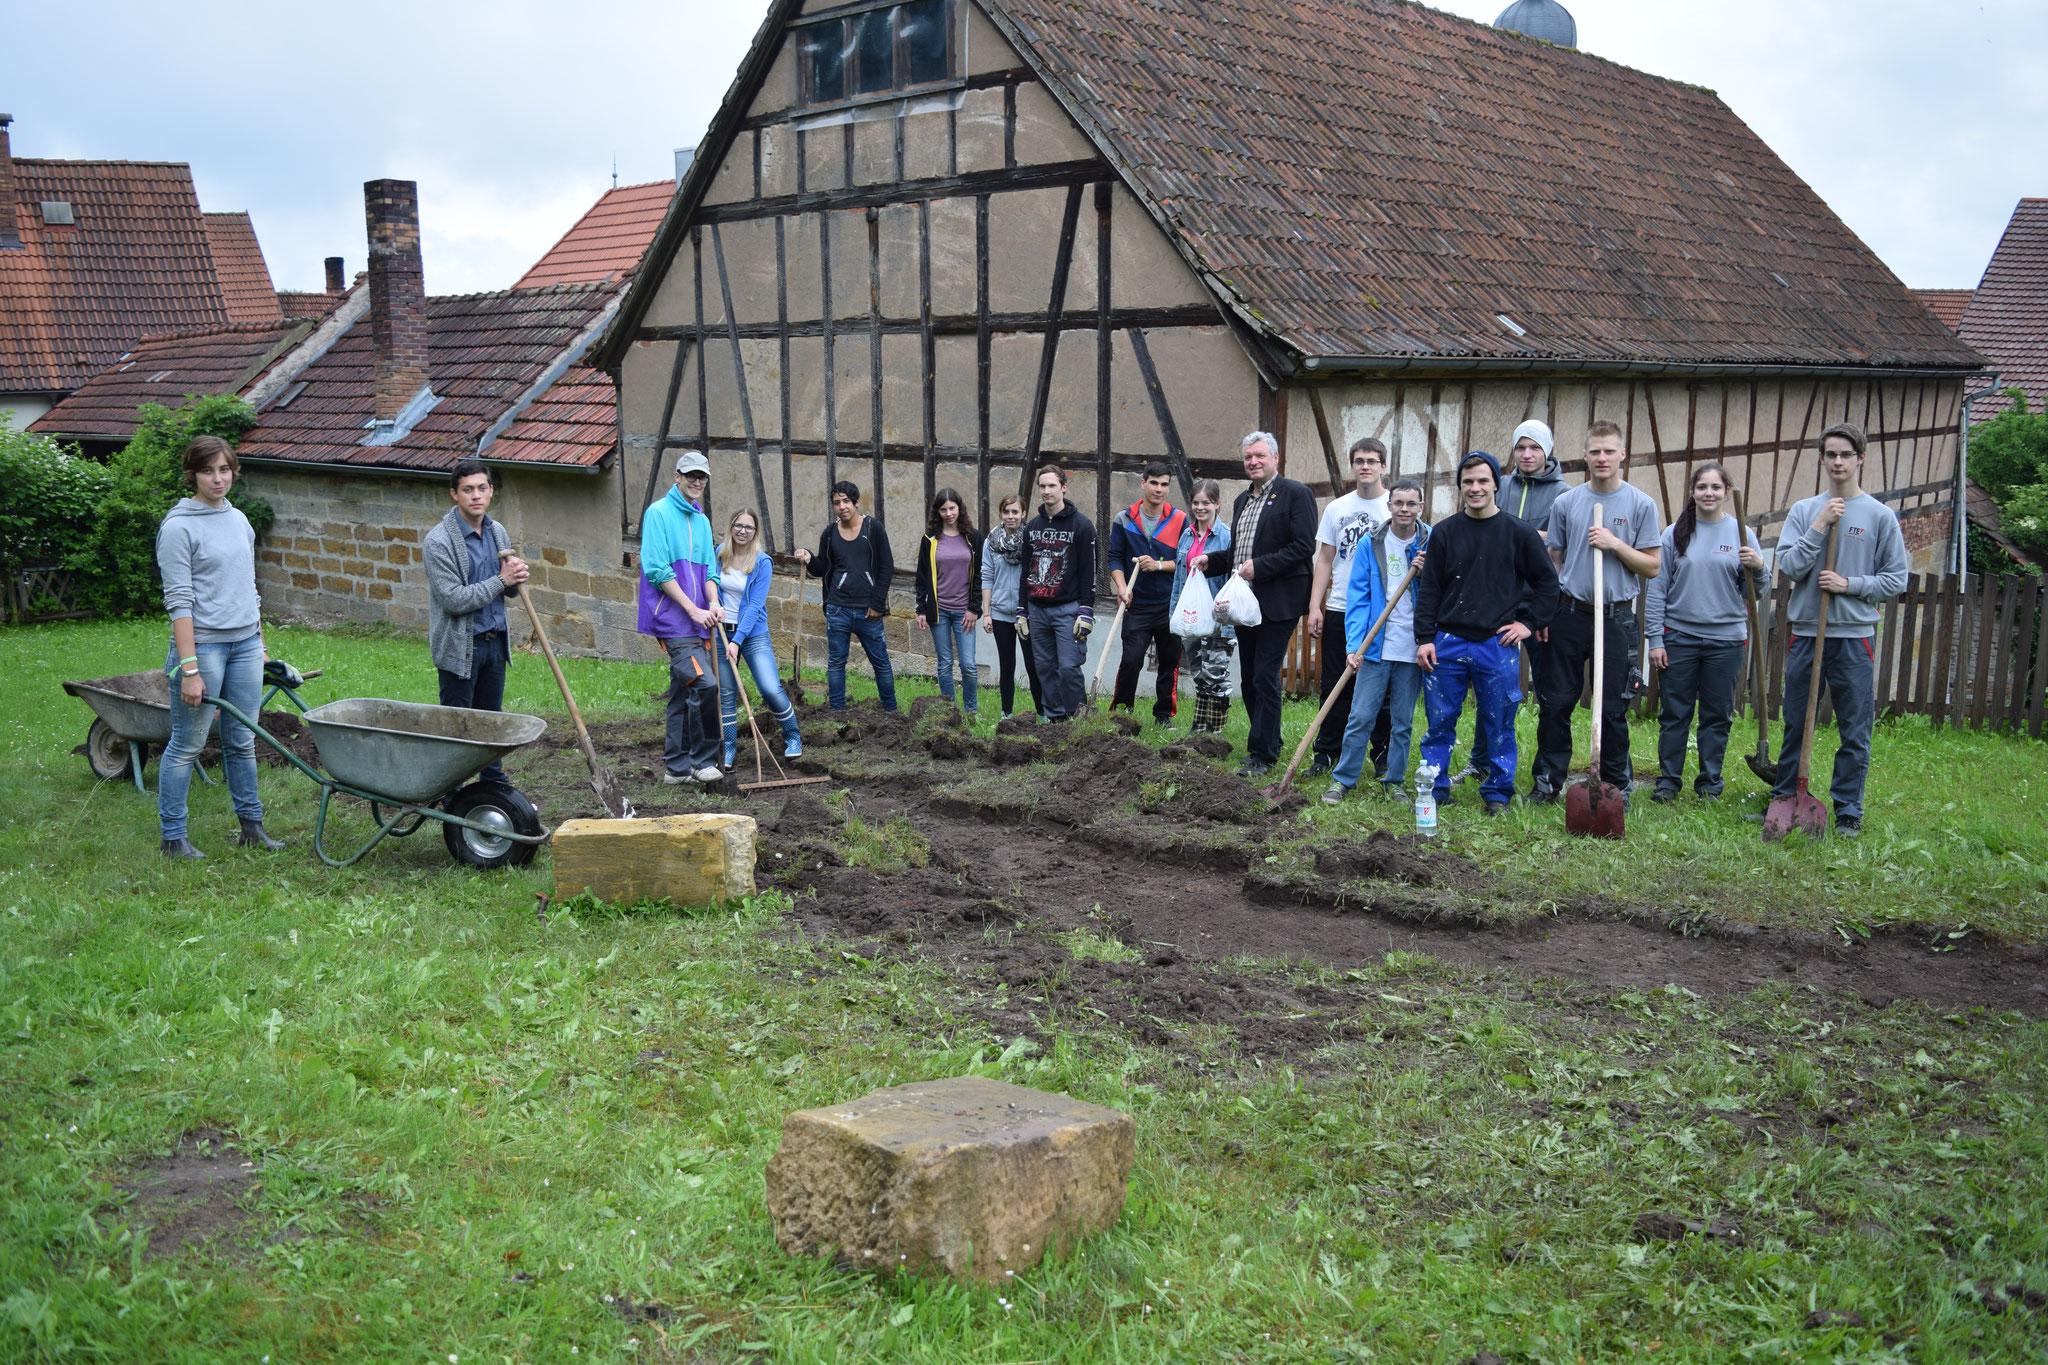 Gruppenbild mit Jürgen Hennemann, dem 1. Bürgermeister der Stadt Ebern, der uns das Mittagessen spendierte - vielen Dank dafür!